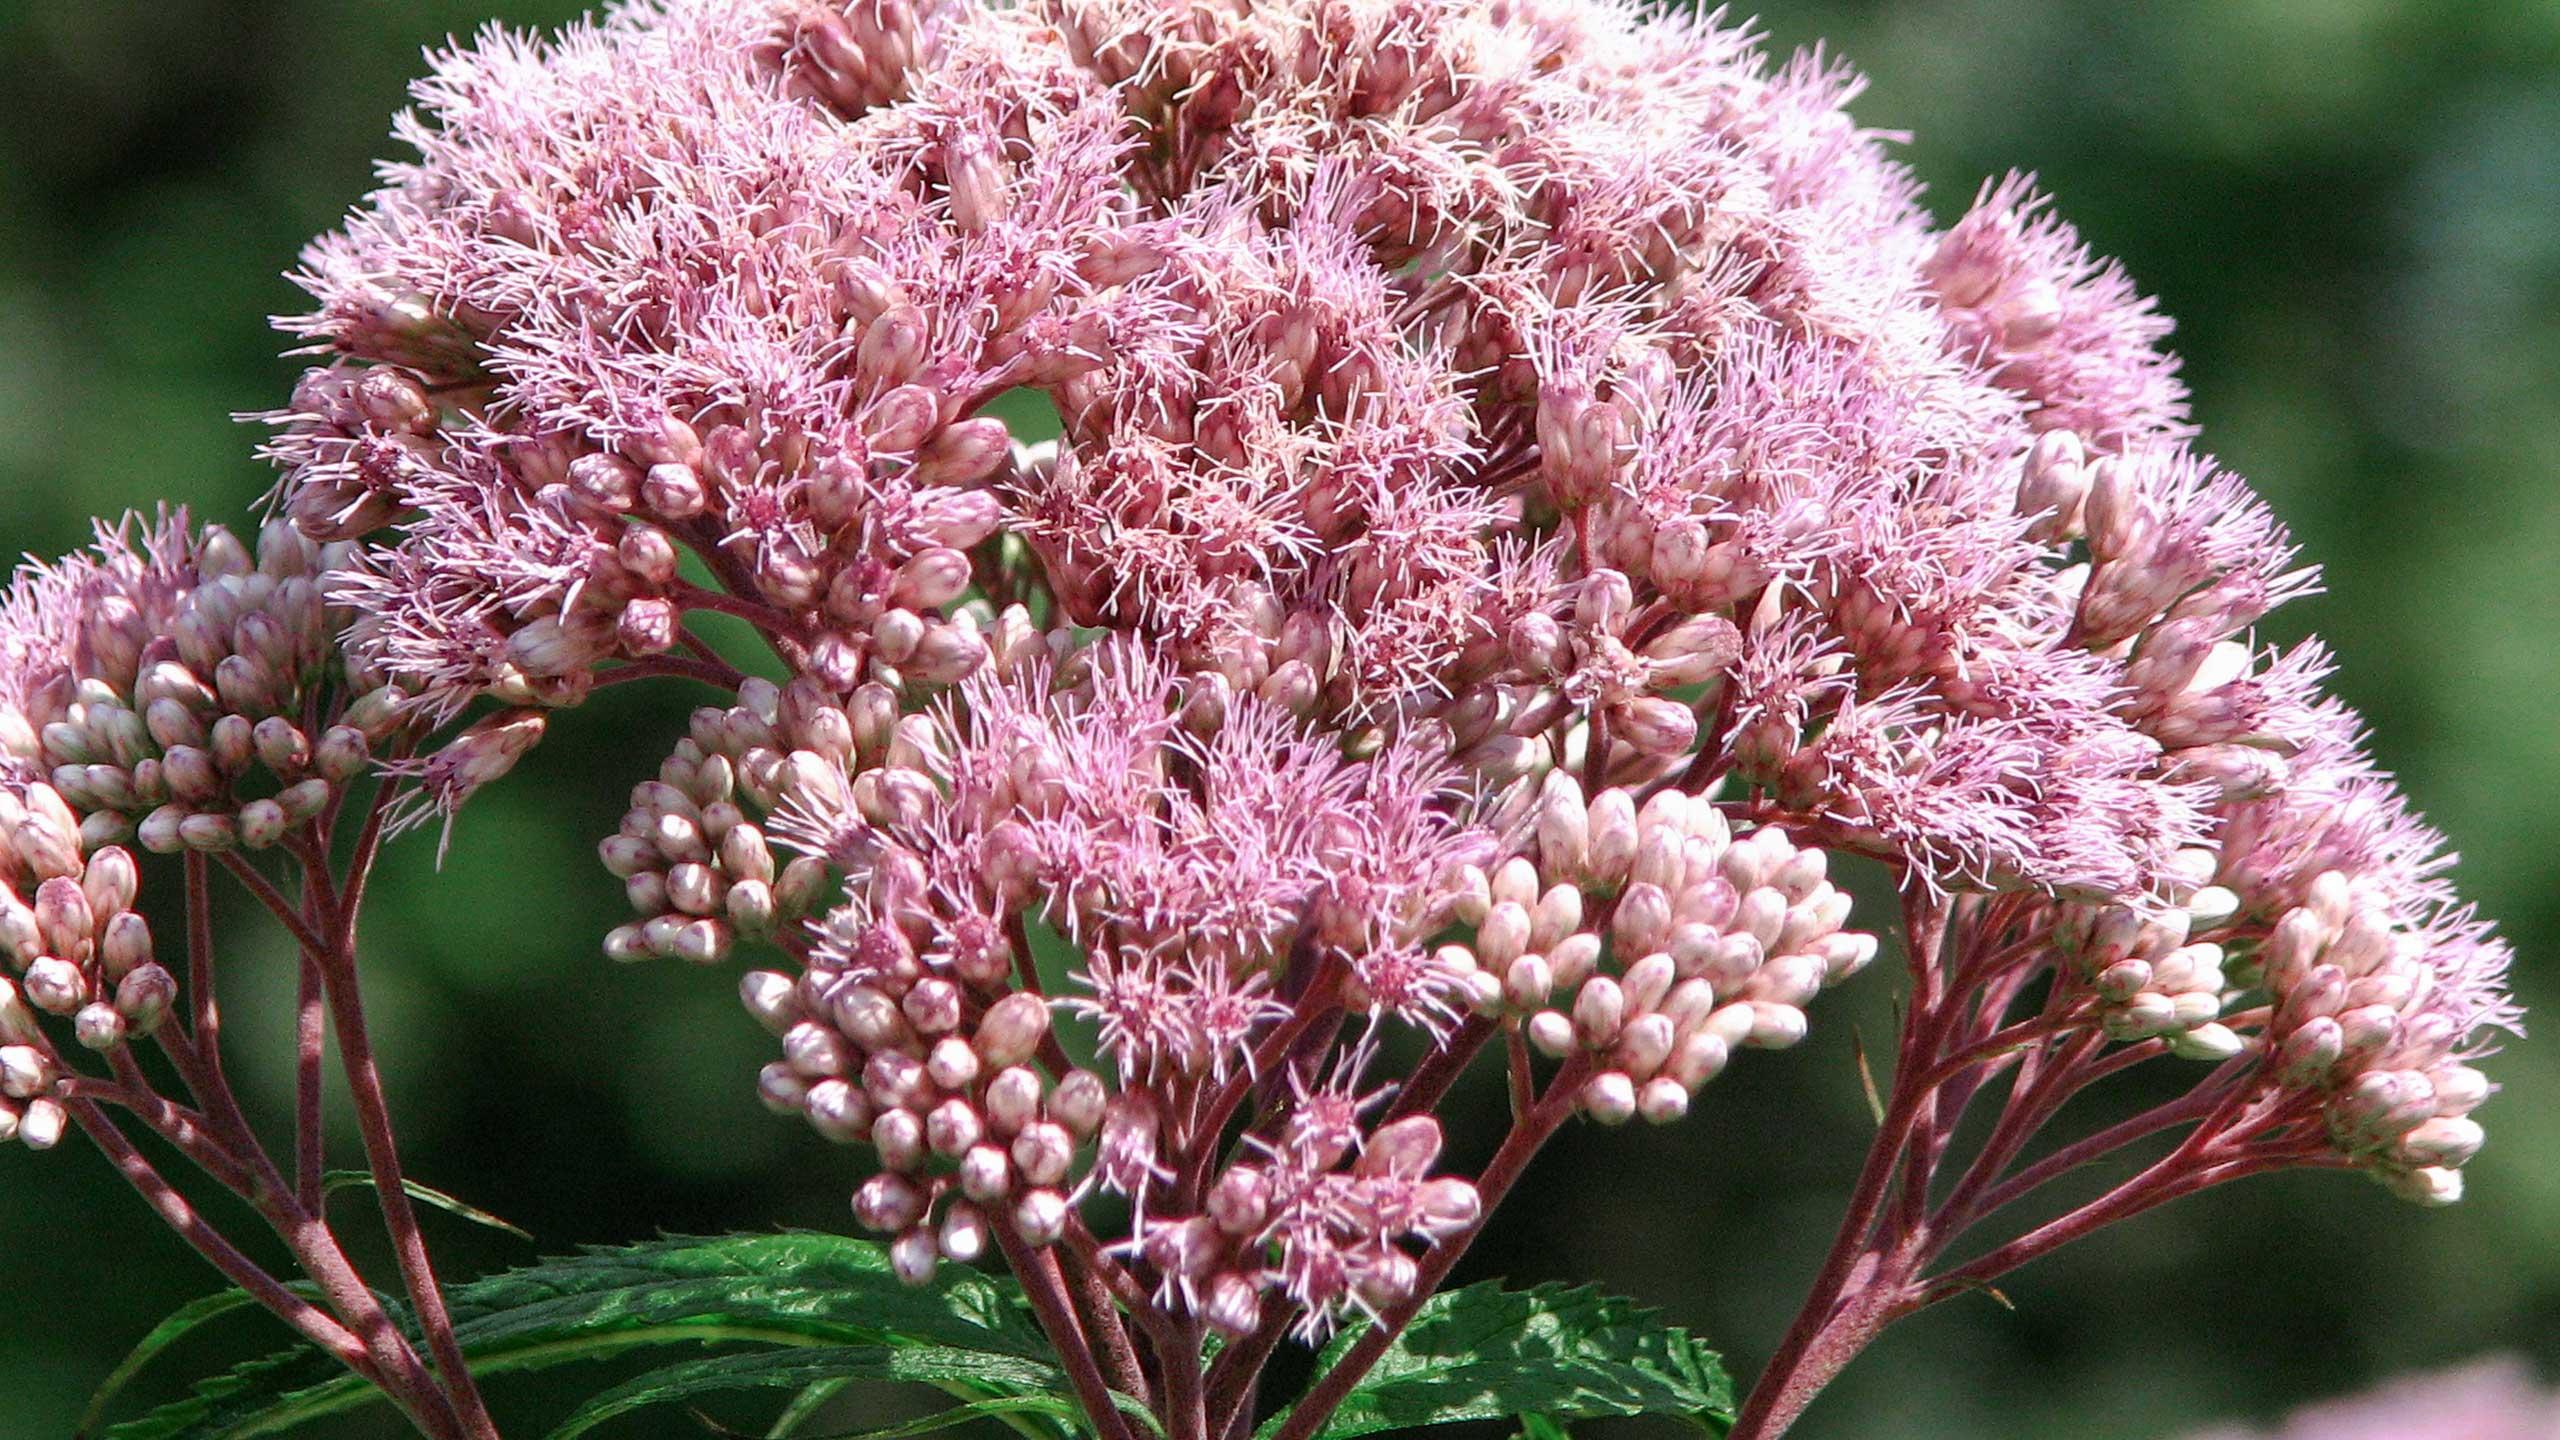 Joe pye weed mulhalls joe pye weed is a native flowering plant in the genus eupatorium or eutrochium depending on the source as a native to our region joe pye weed is mightylinksfo